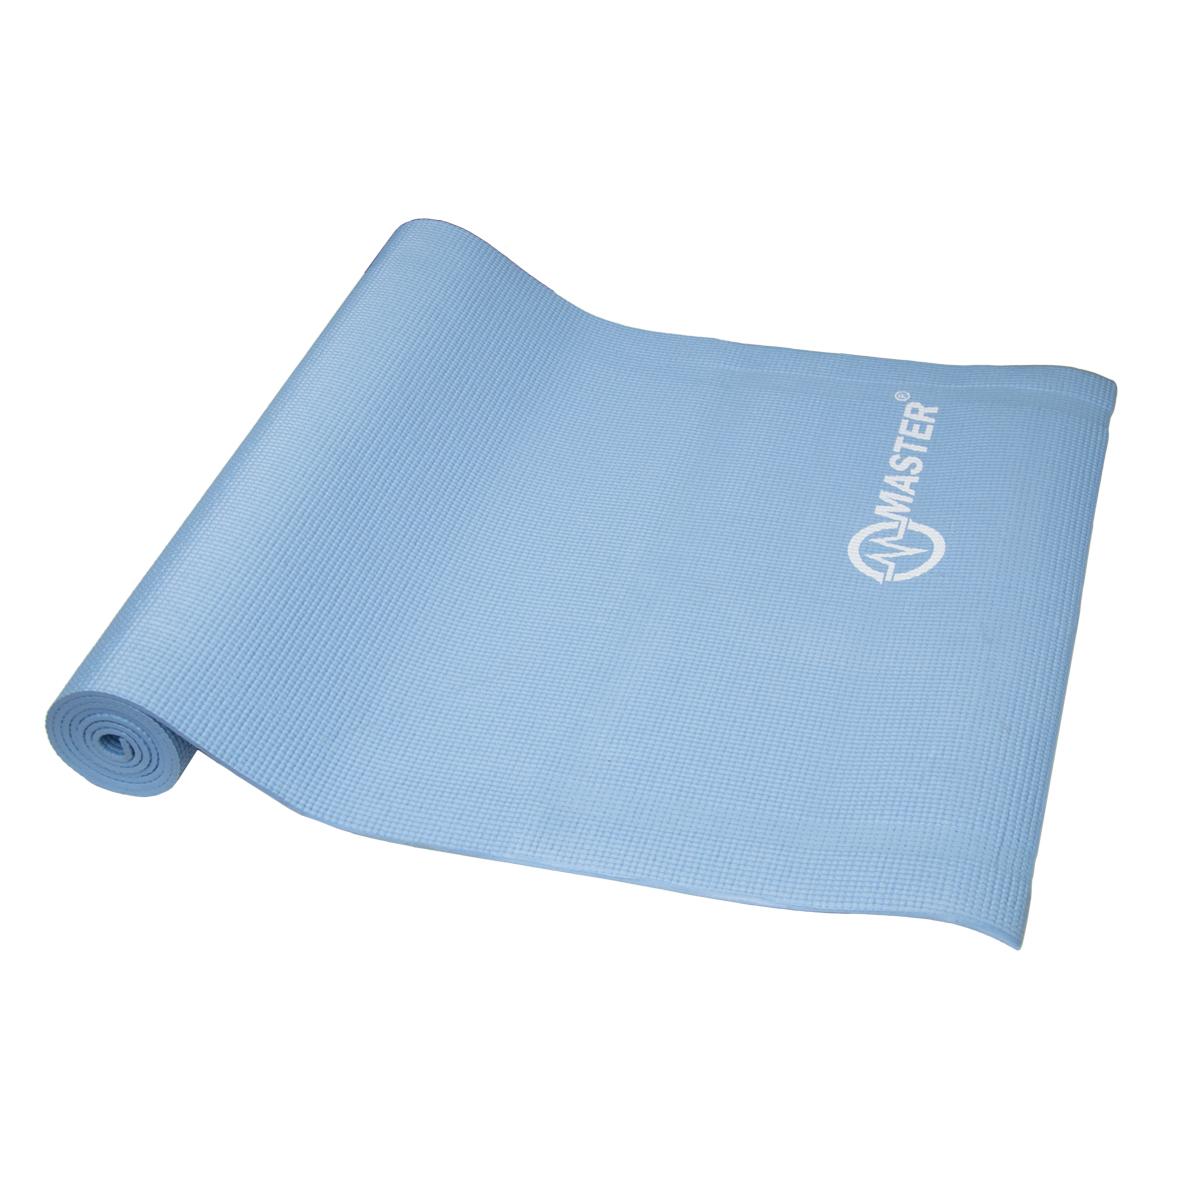 Podložka na cvičení MASTER Yoga PVC - 173 x 61 cm